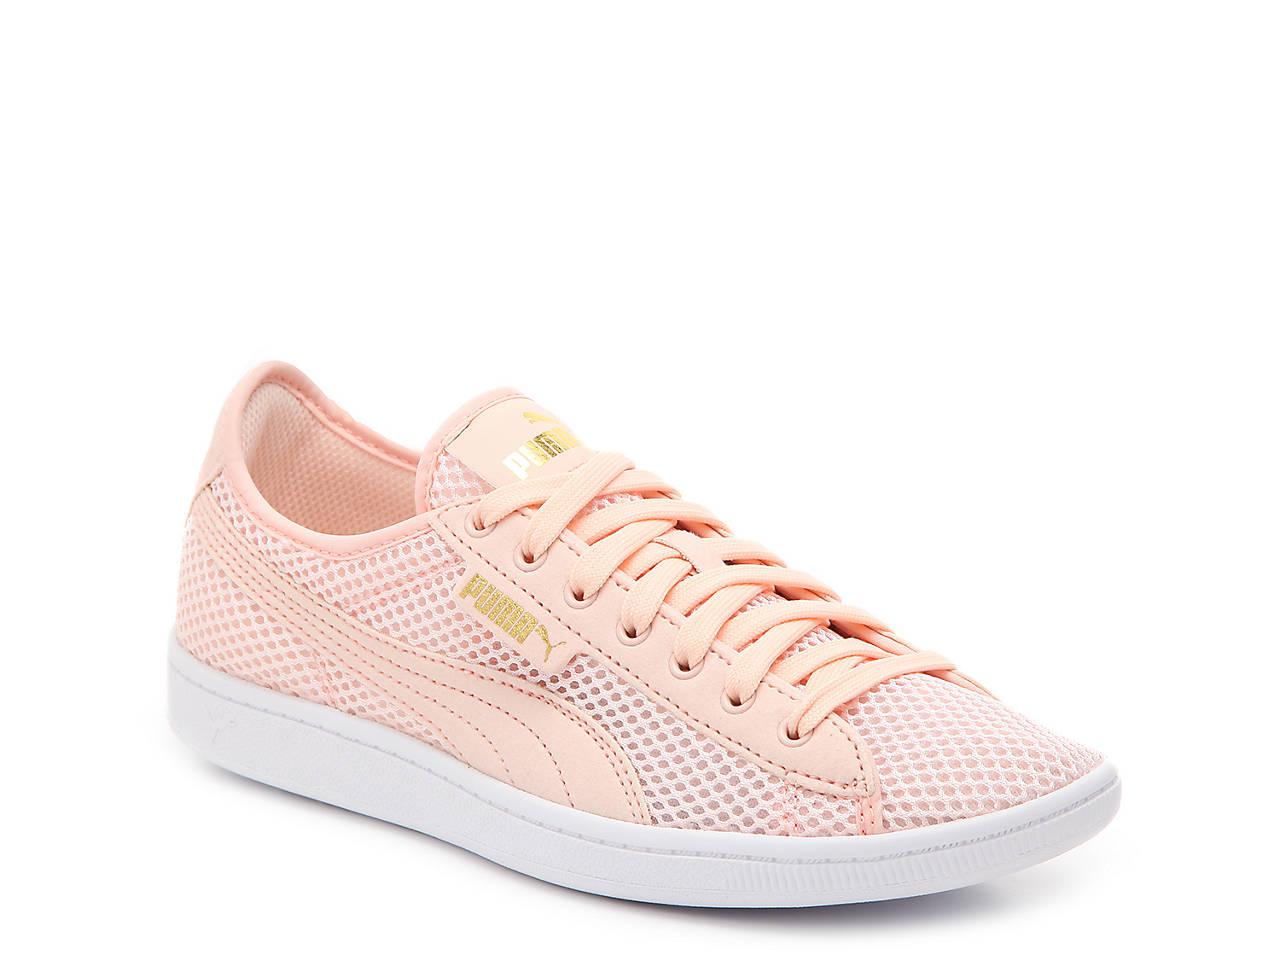 aacf1f05c7f Puma Vikky Mesh Sneaker - Women s Women s Shoes